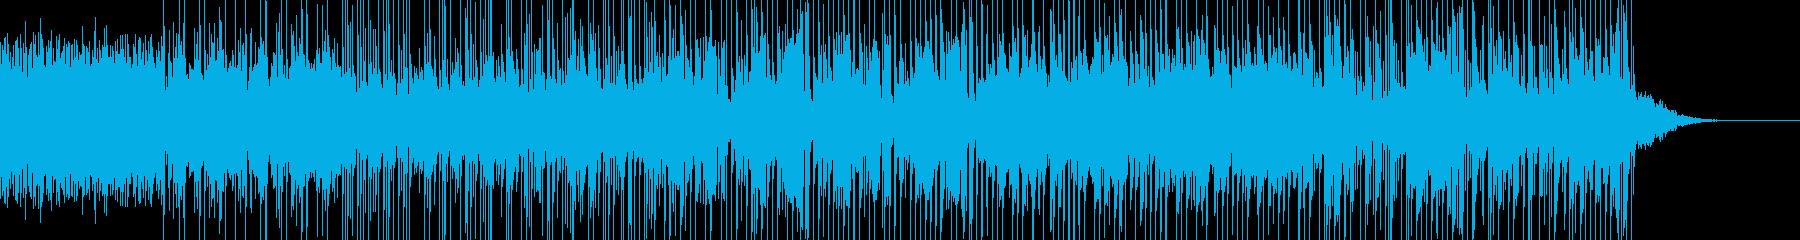 幻想的で怪しく切ない感じのBGMの再生済みの波形